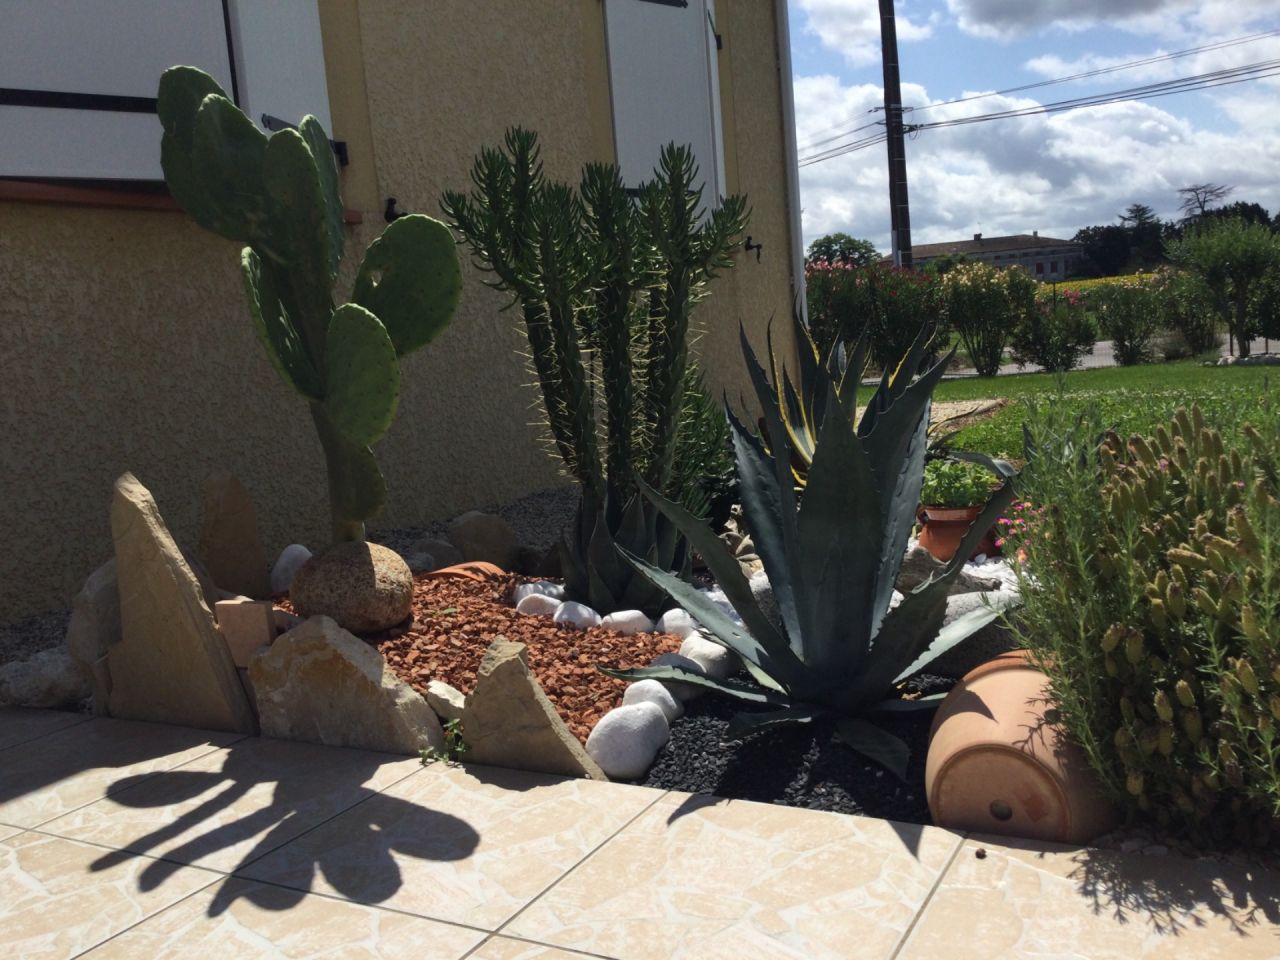 Enfin le beau temps est là et les cactus apprécient